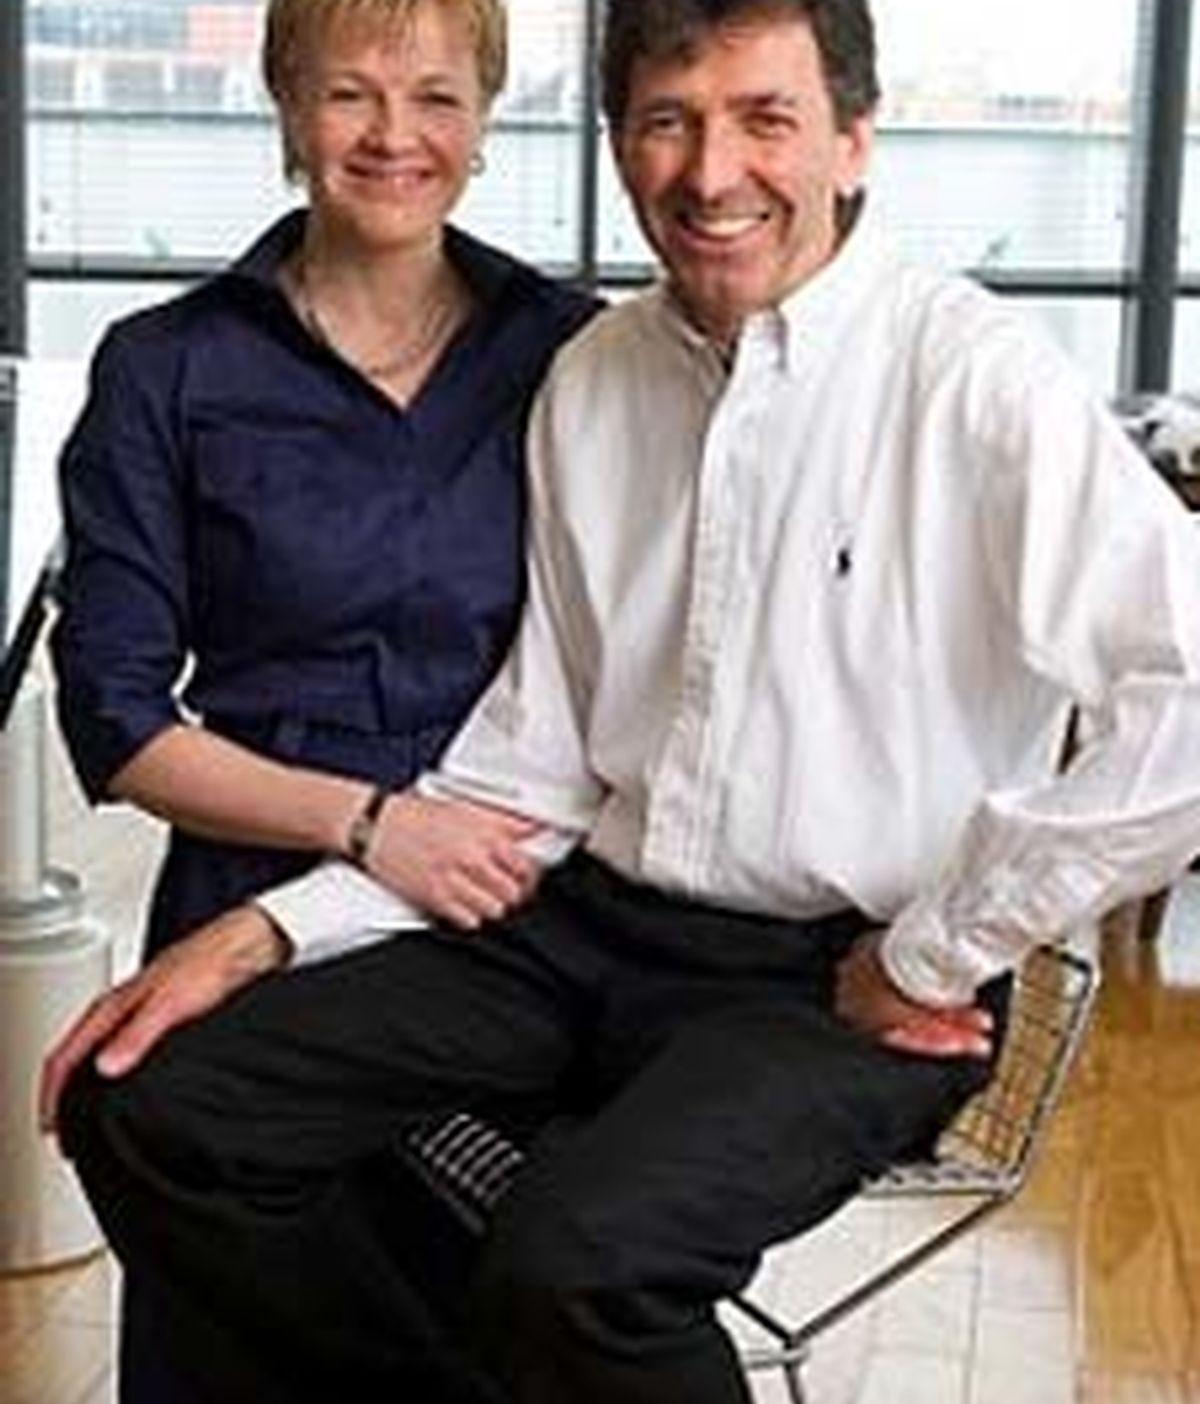 Andrew Knight, con su compañera Sally Britton. Foto: Dailymail.com